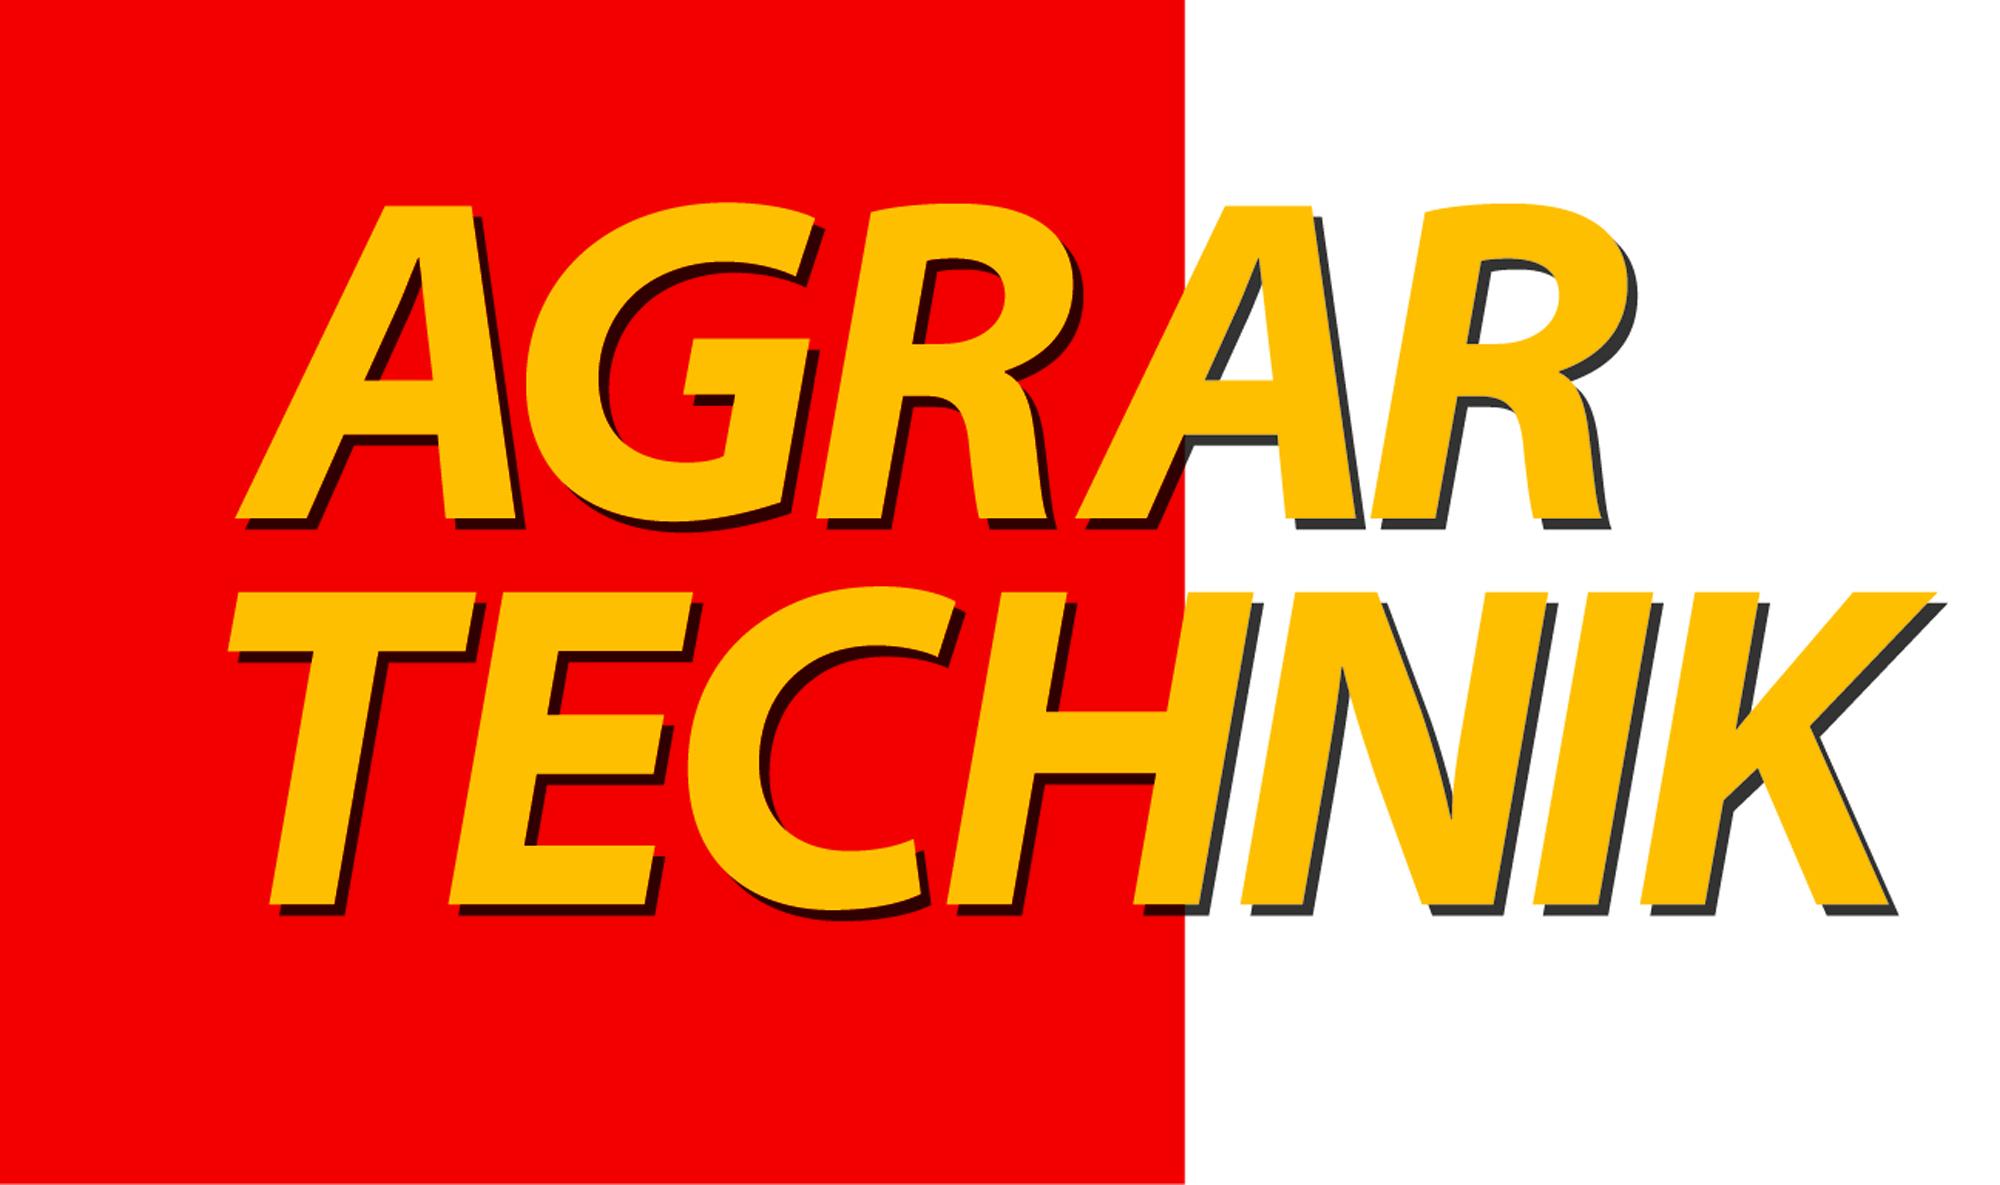 AGRARTECHNIK Logo |copyright: Agrartechnik